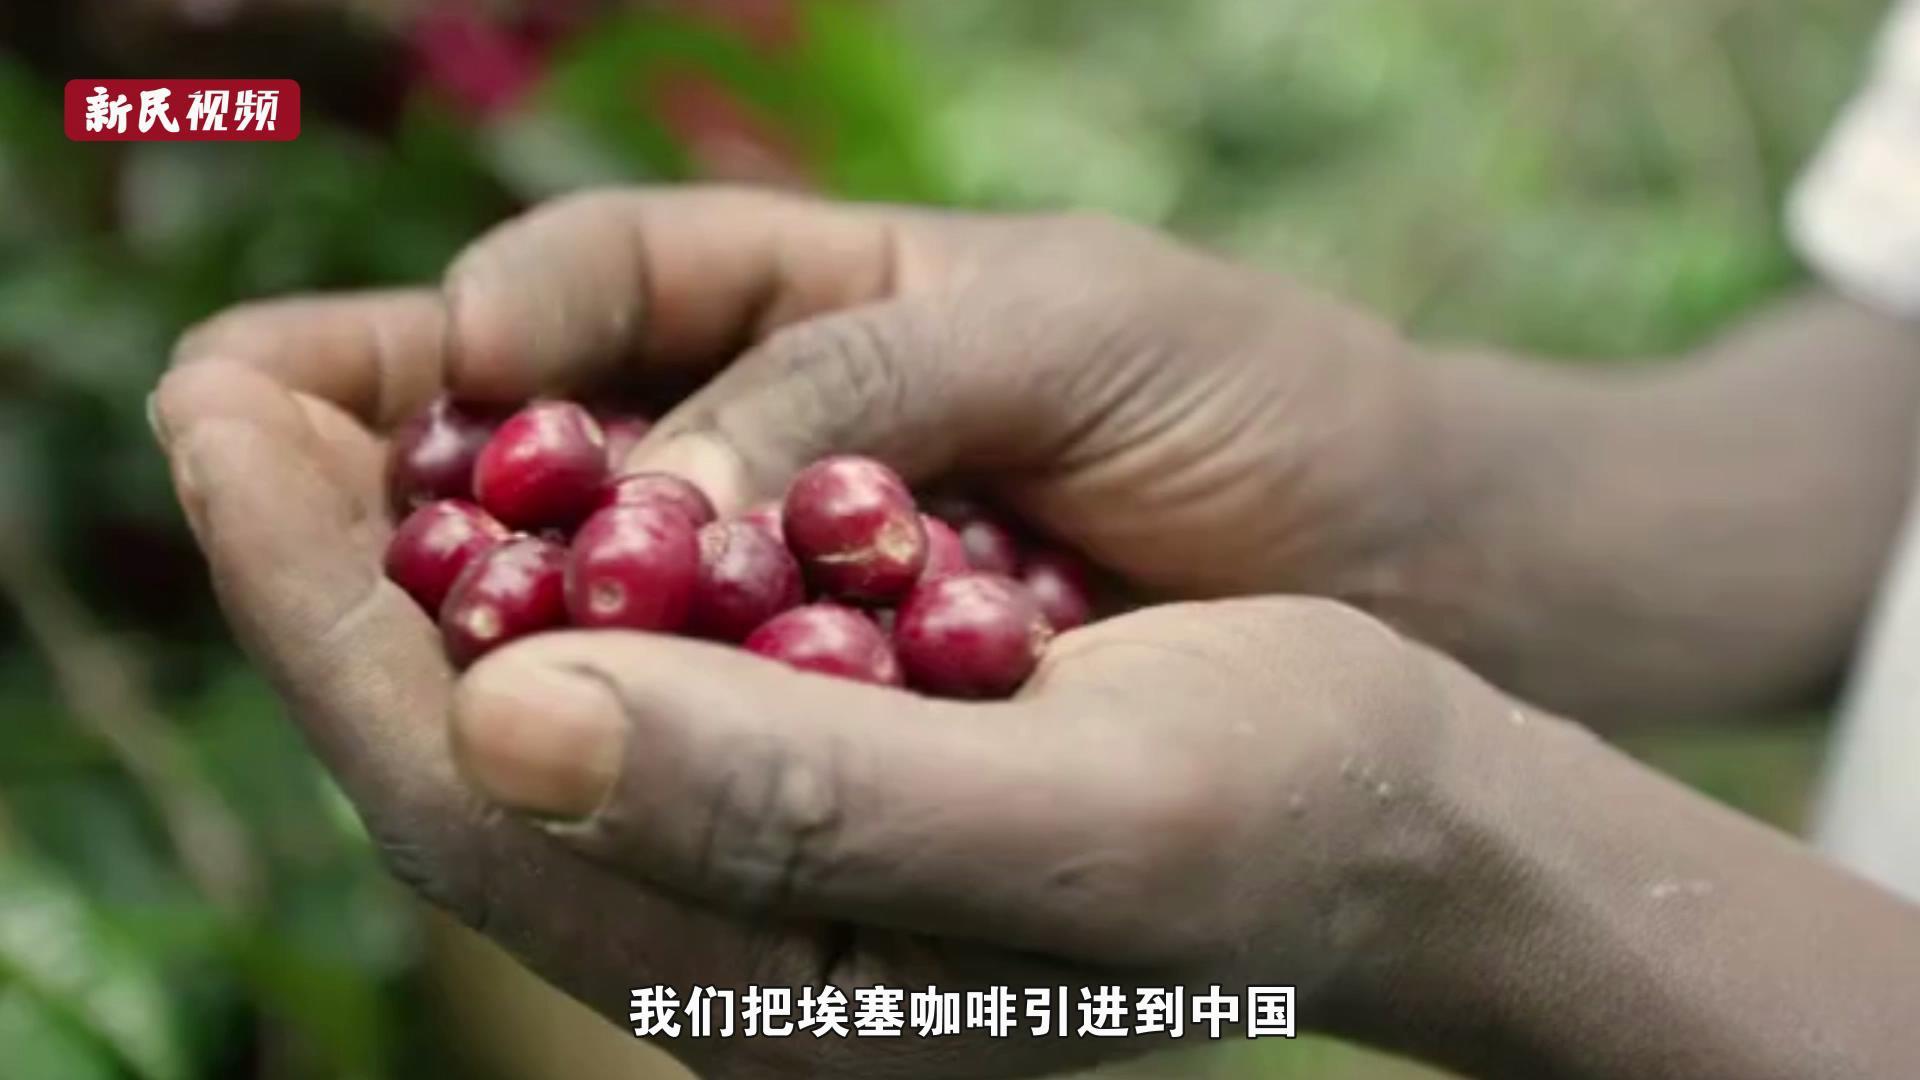 展商安家记① | 从一颗生豆到一家咖啡馆,埃塞俄比亚咖啡香飘上海